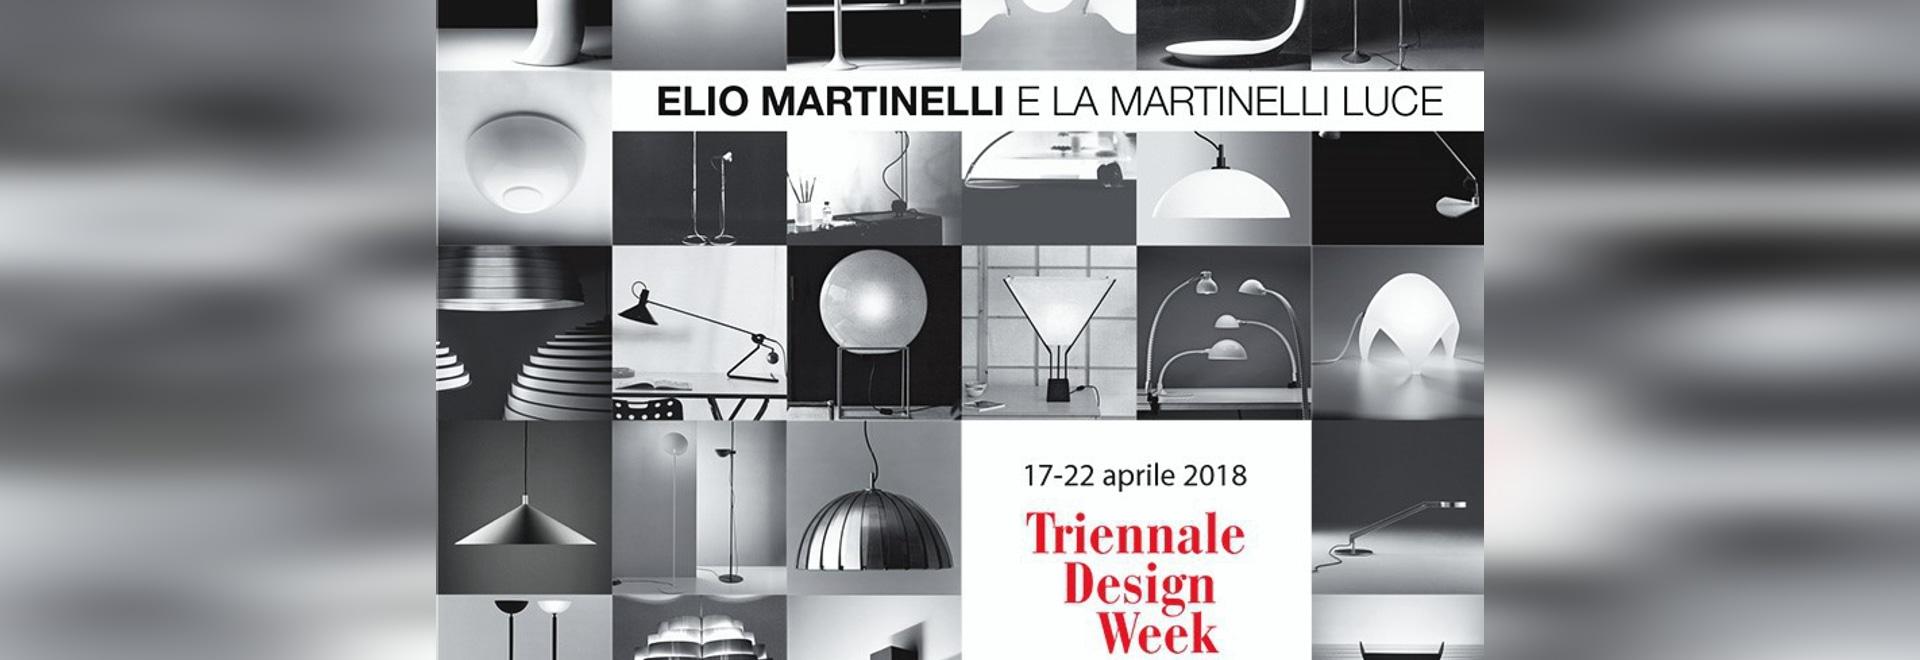 Elio Martinelli und Martinelli Luce, die Ausstellung am La Triennale